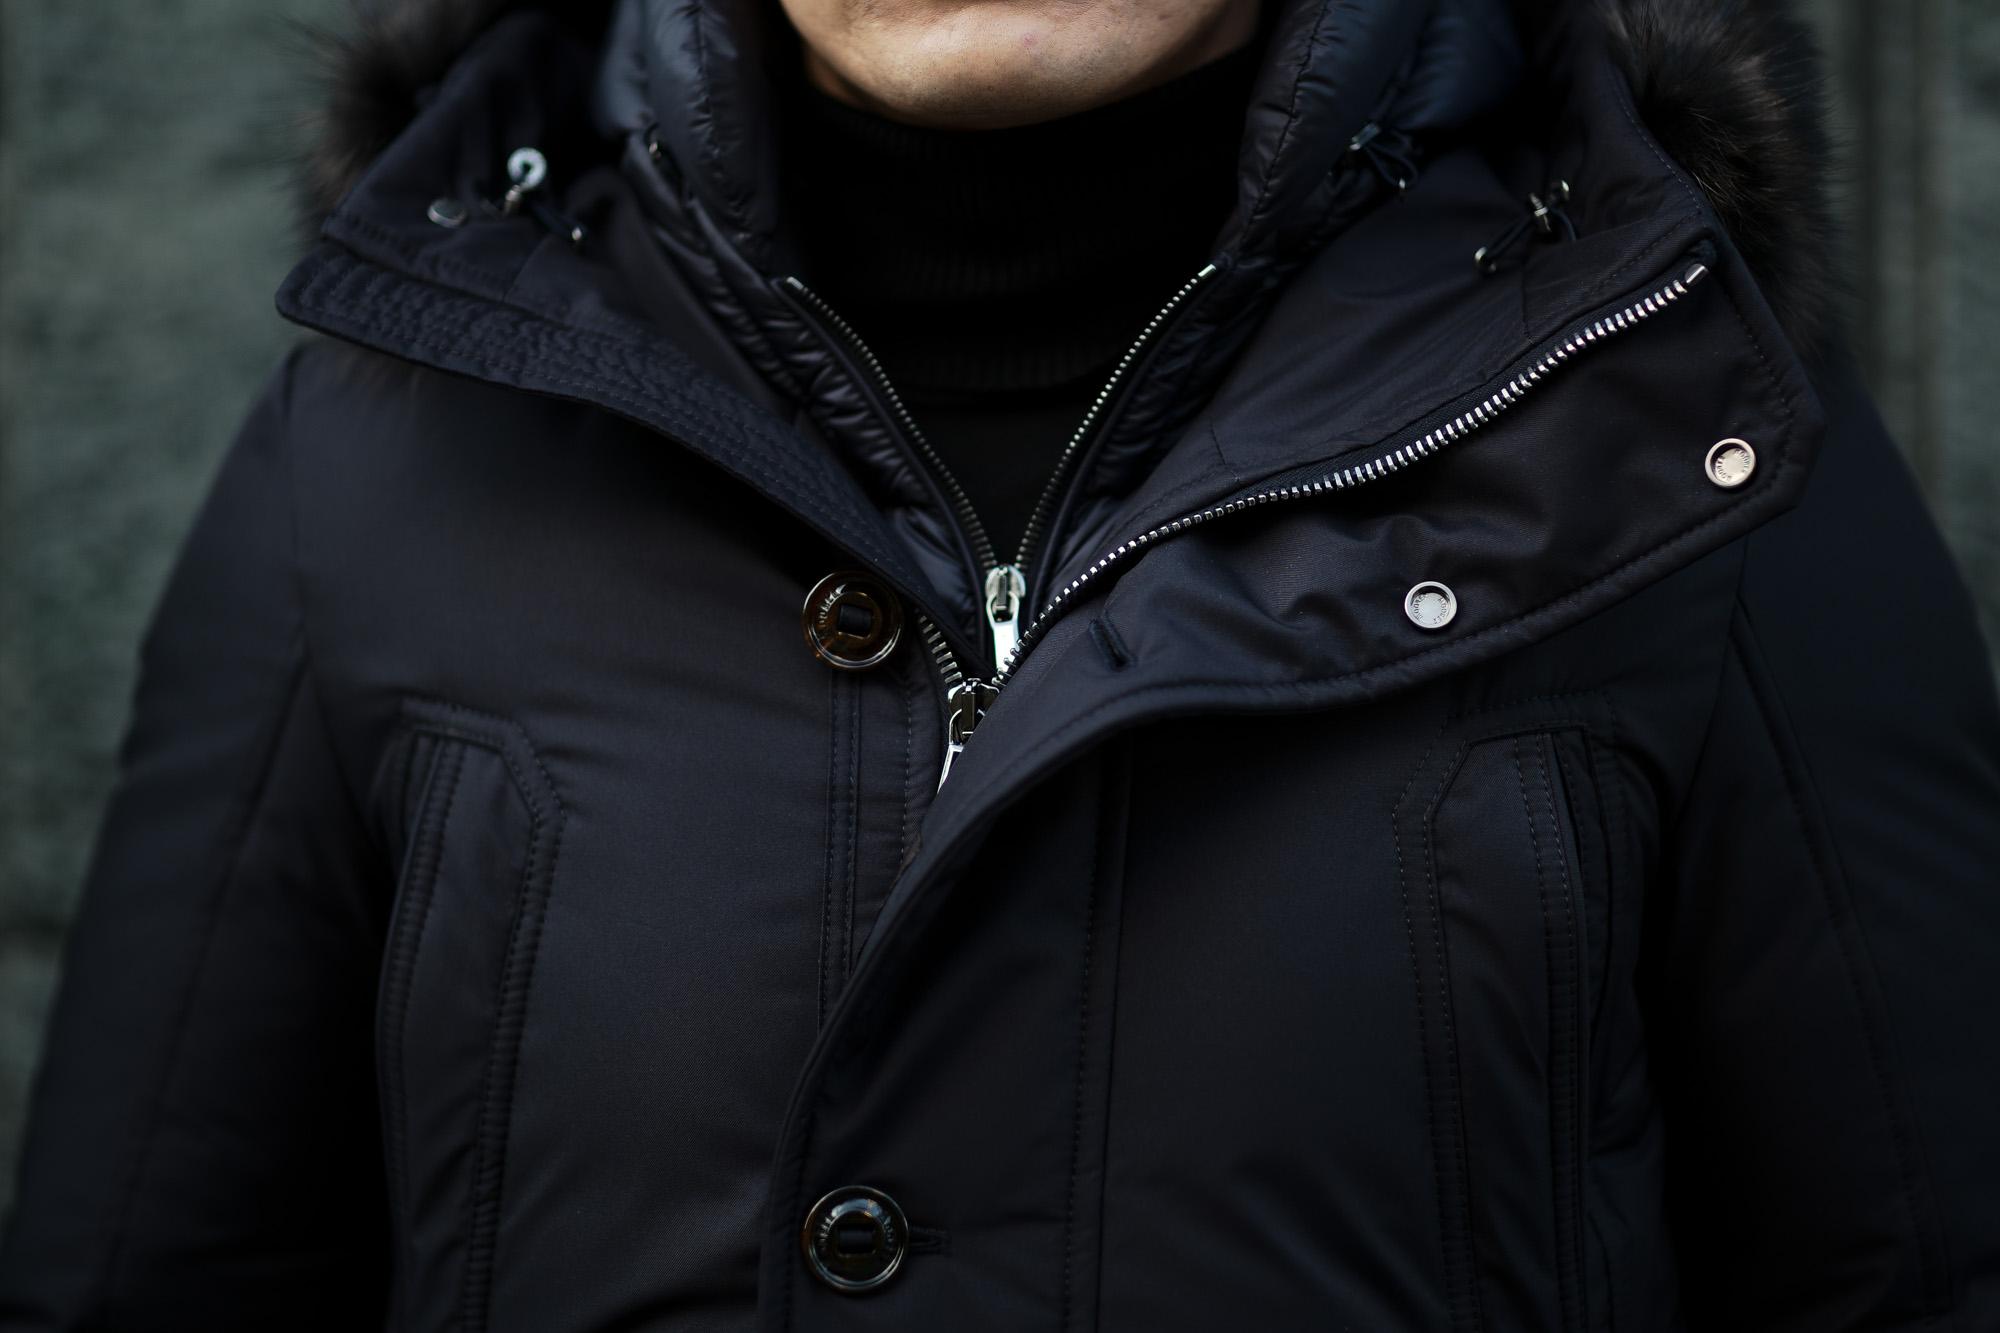 MOORER (ムーレー) HELSINKI (ヘルシンキ) ホワイトグースダウン ナイロン フーデッド ダウンコート NERO(ブラック・08)  Made in italy (イタリア製) 2020 秋冬 【ご予約受付中】愛知 名古屋 altoediritto アルトエデリット